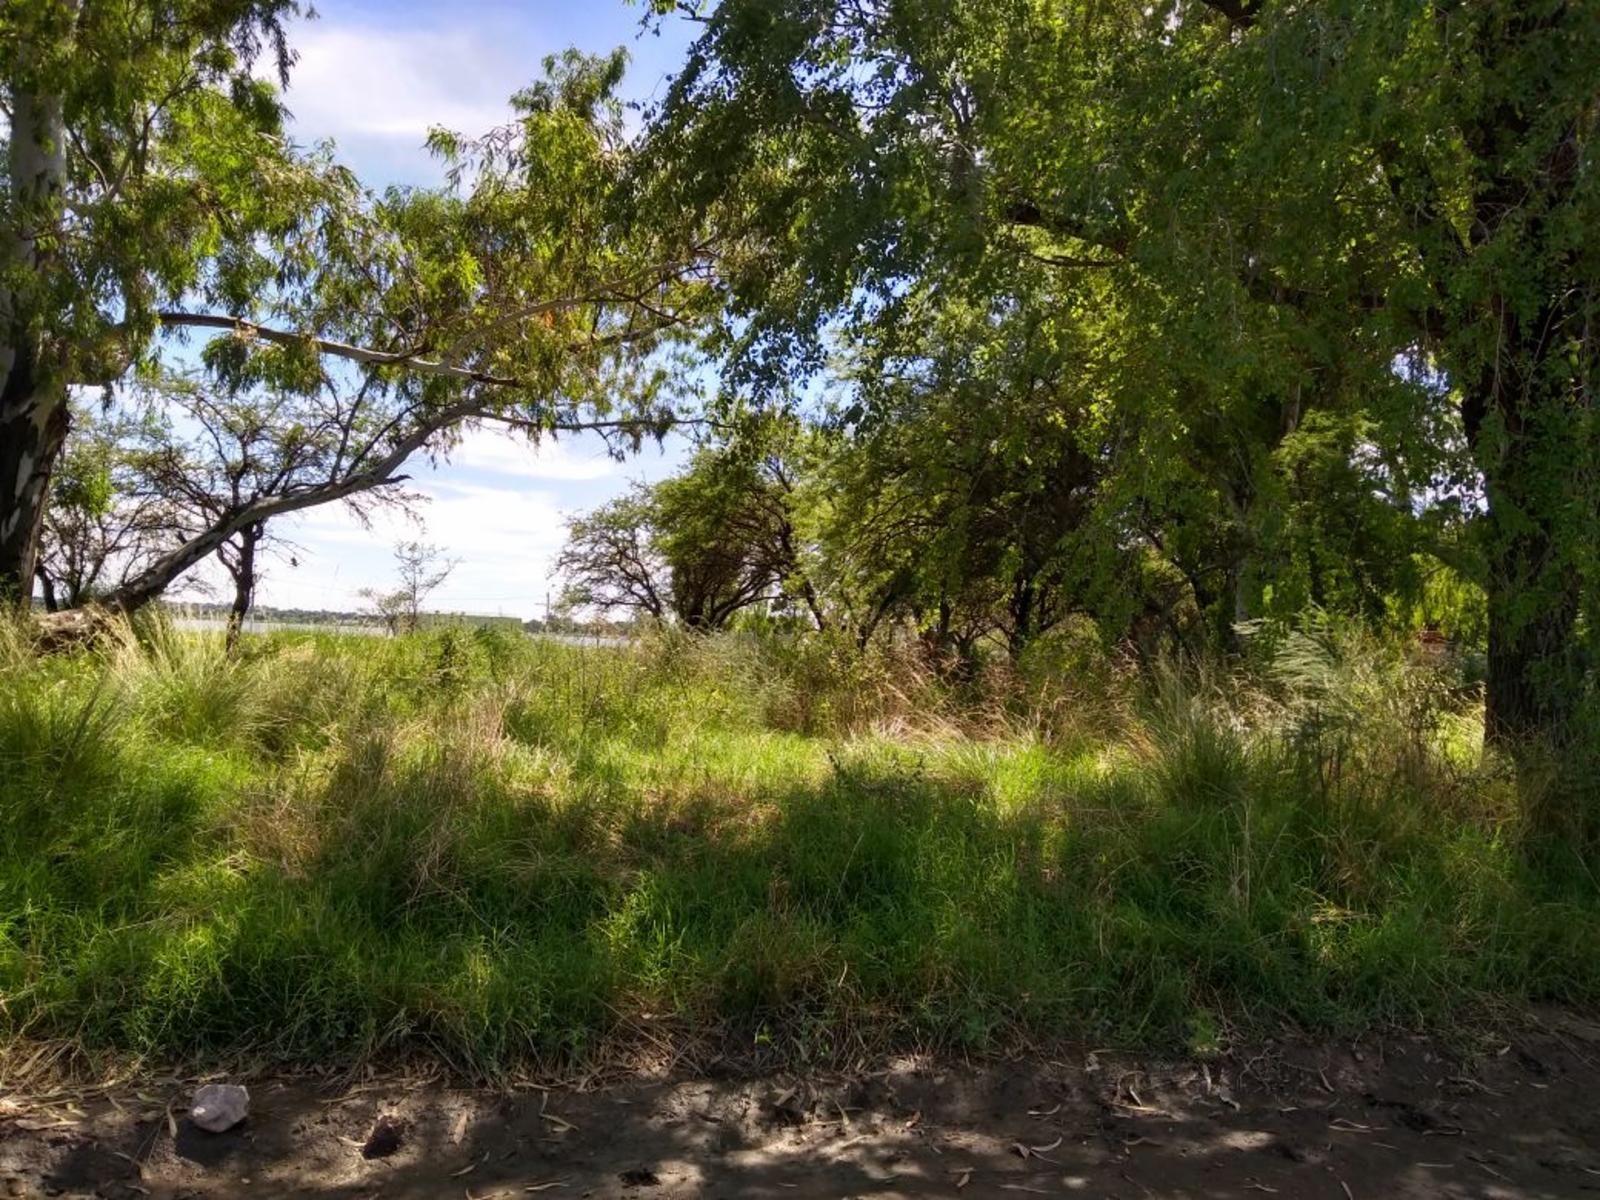 Terrenos ubicados en zona El Faro, DAIANA DOMINGUEZ NEGOCIOS INMOBILIARIOS